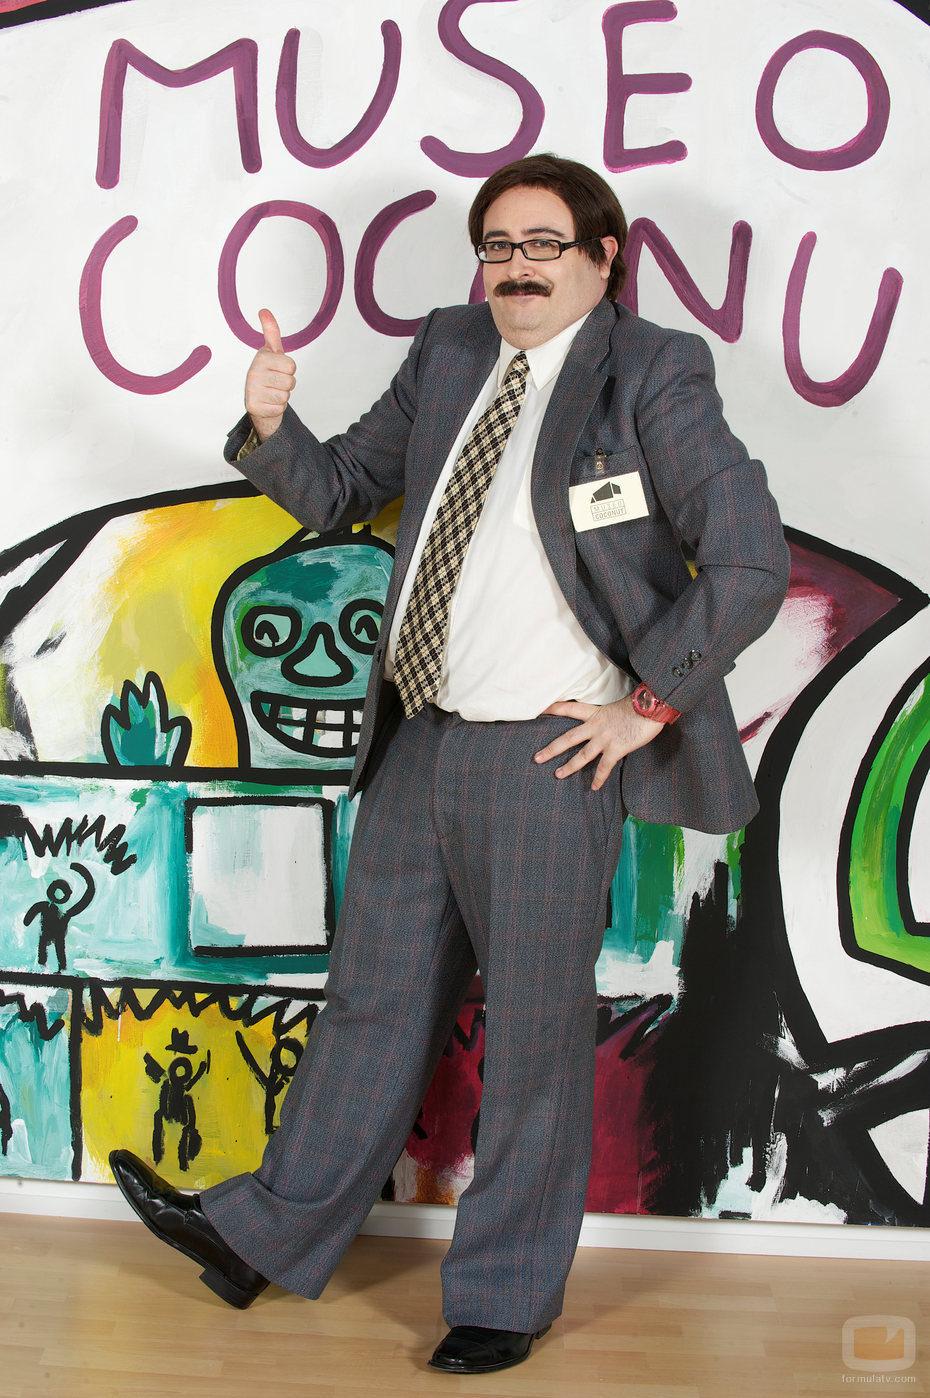 El actor y cómico Carlos Areces en 'Museo Coconut'